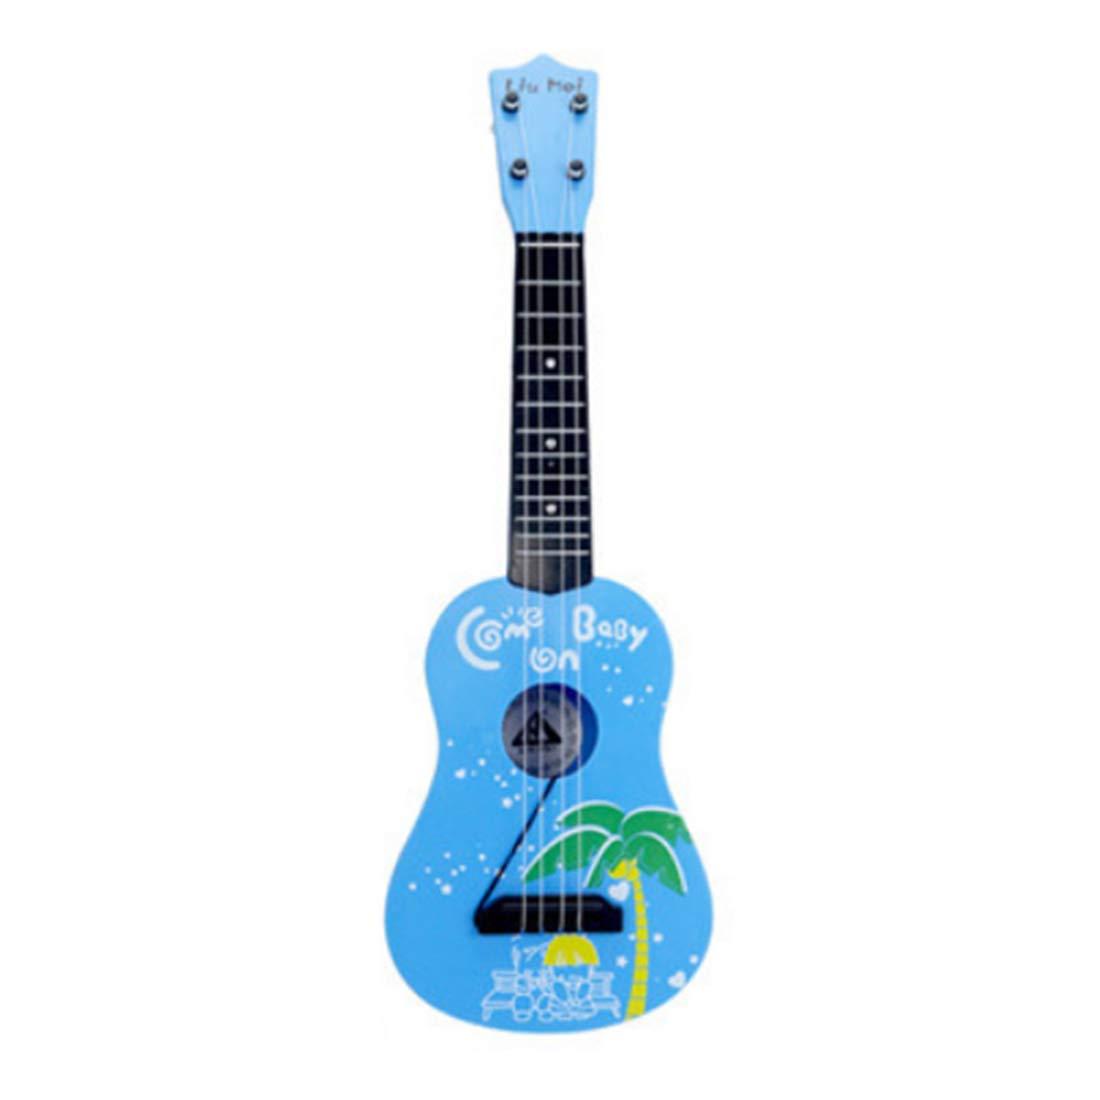 iVansa Kinder Gitarre, 4 Saiten Ukulele Gitarre Kindergitarre Musikinstrument Musik Spielzeug Pä dagogisches Spielzeug Geschenk fü r Kinder Junge Mä dchen ab 3 Jahre